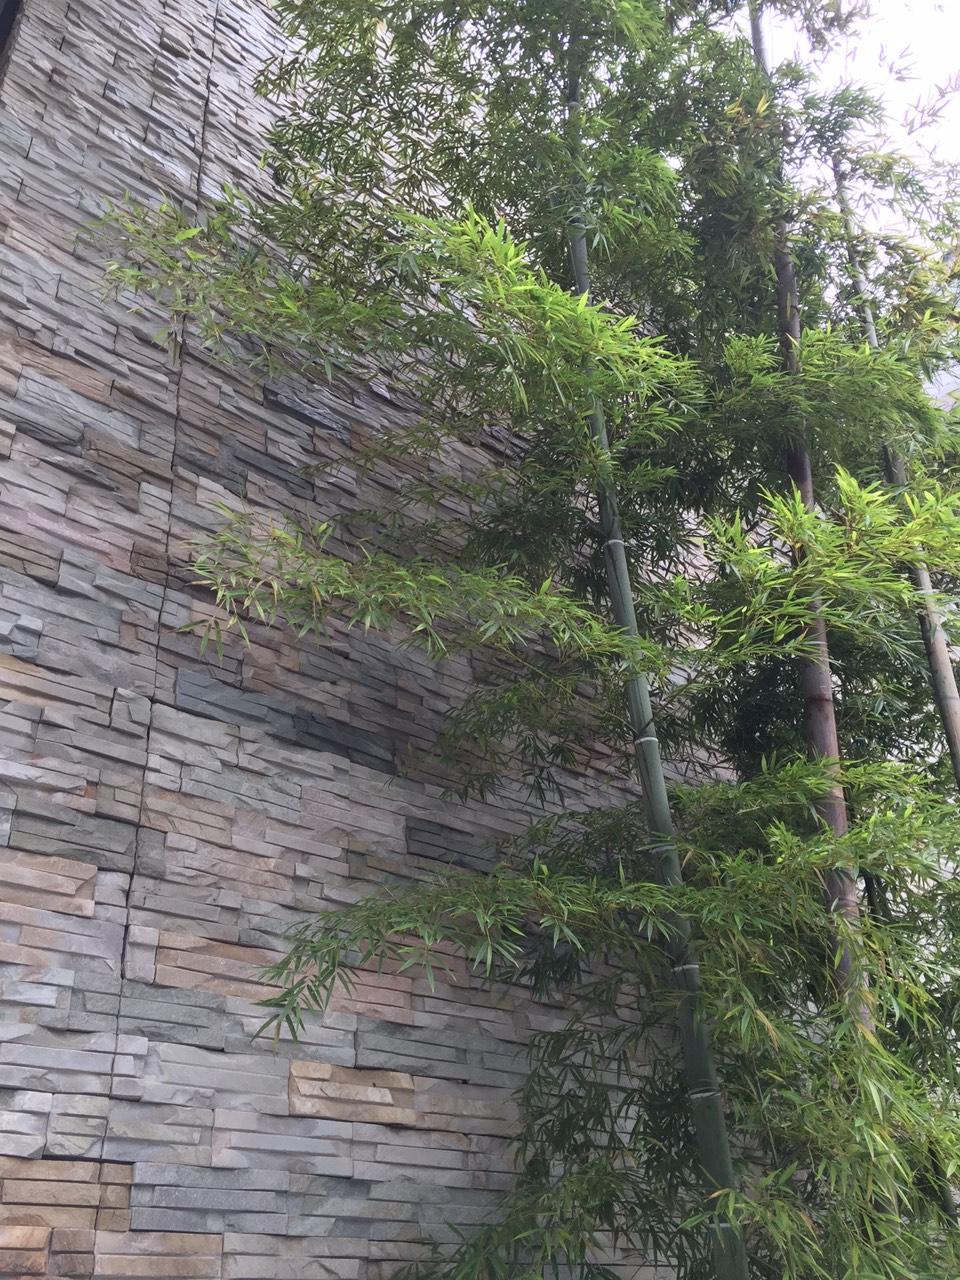 粗砺的石头配上修长的竹子很美,为什么我看